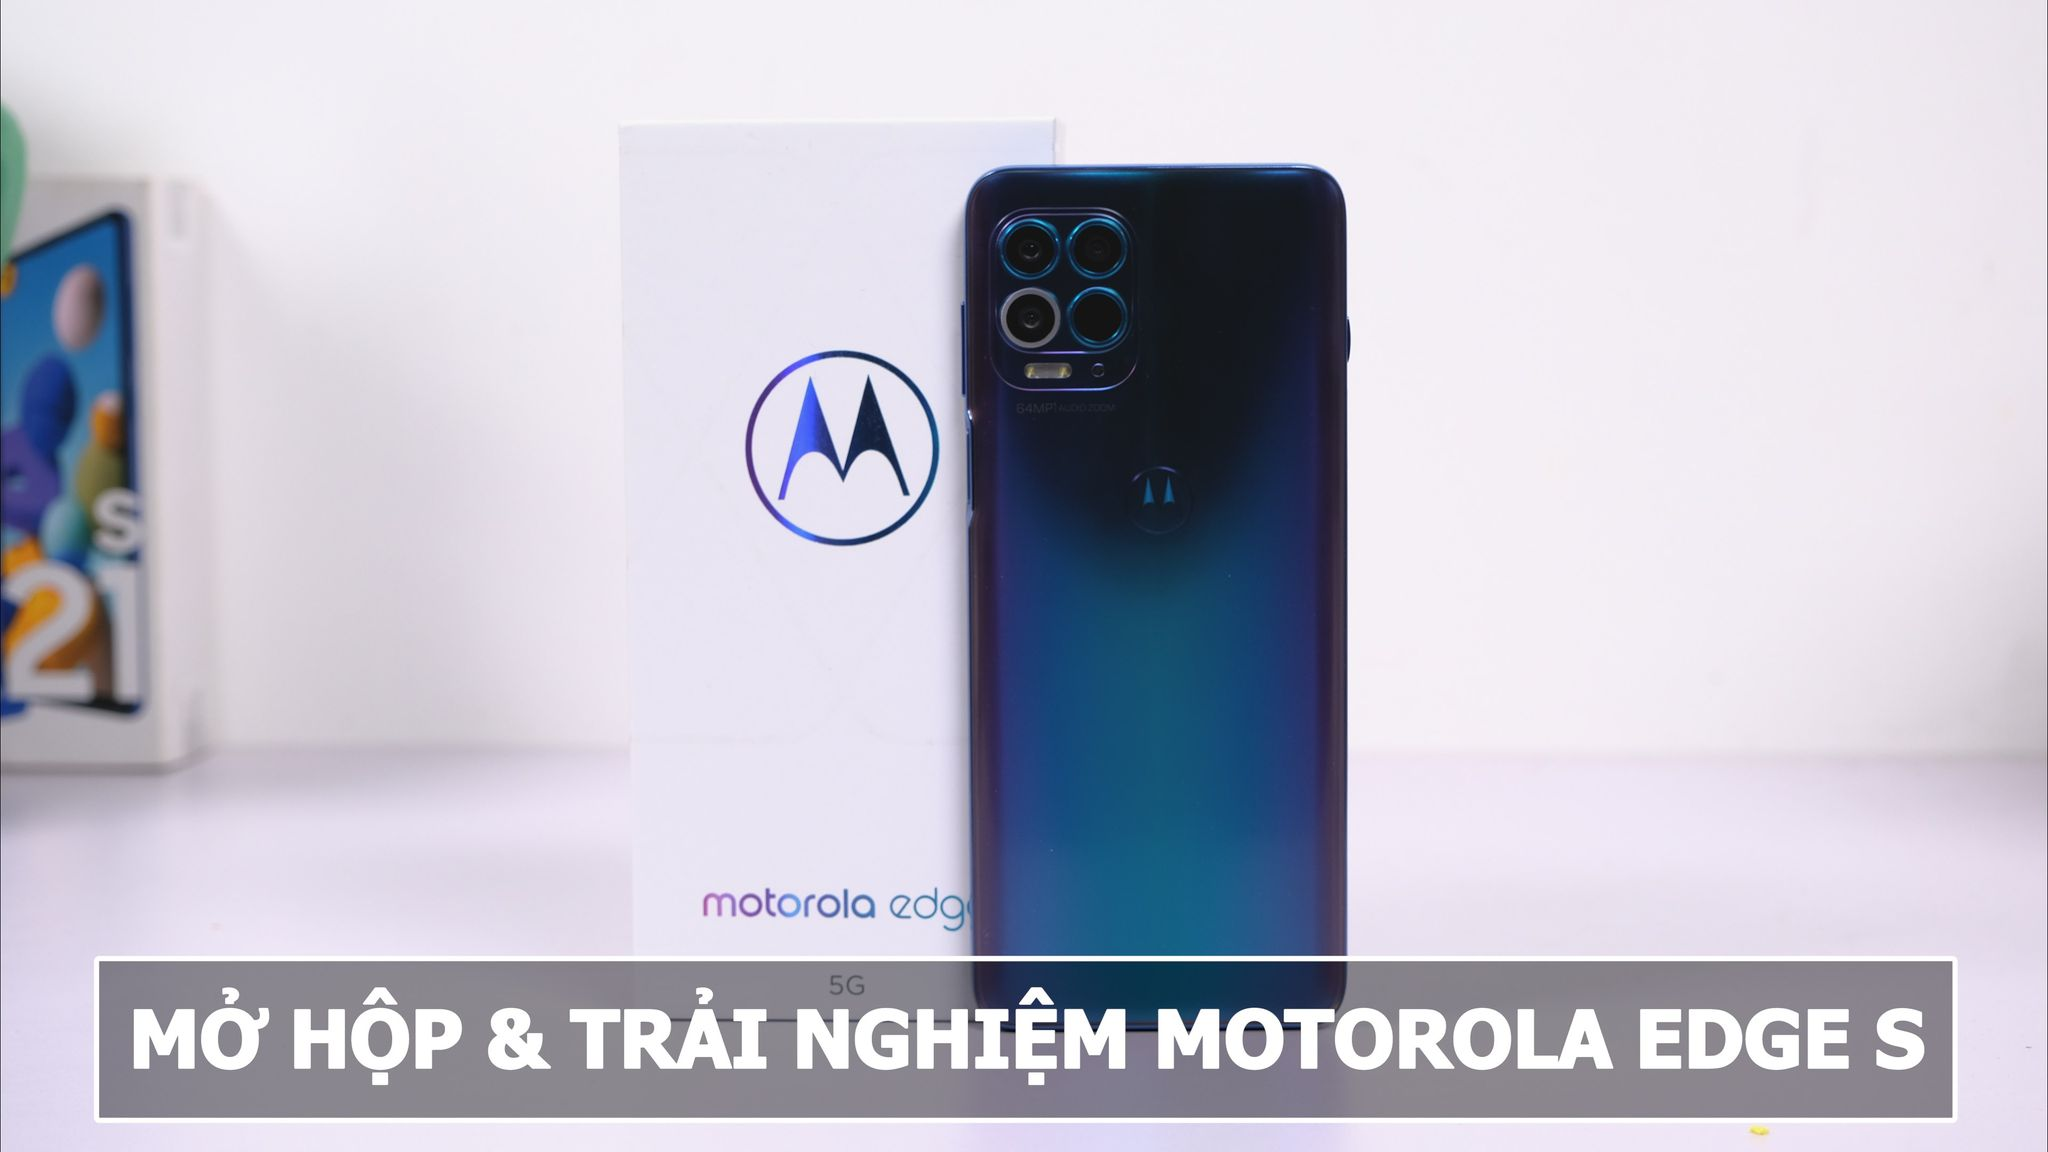 Trải nghiệm Motorola Edge S: Snapdragon 870 đầu tiên trên thế giới giá chỉ từ 7 triệu